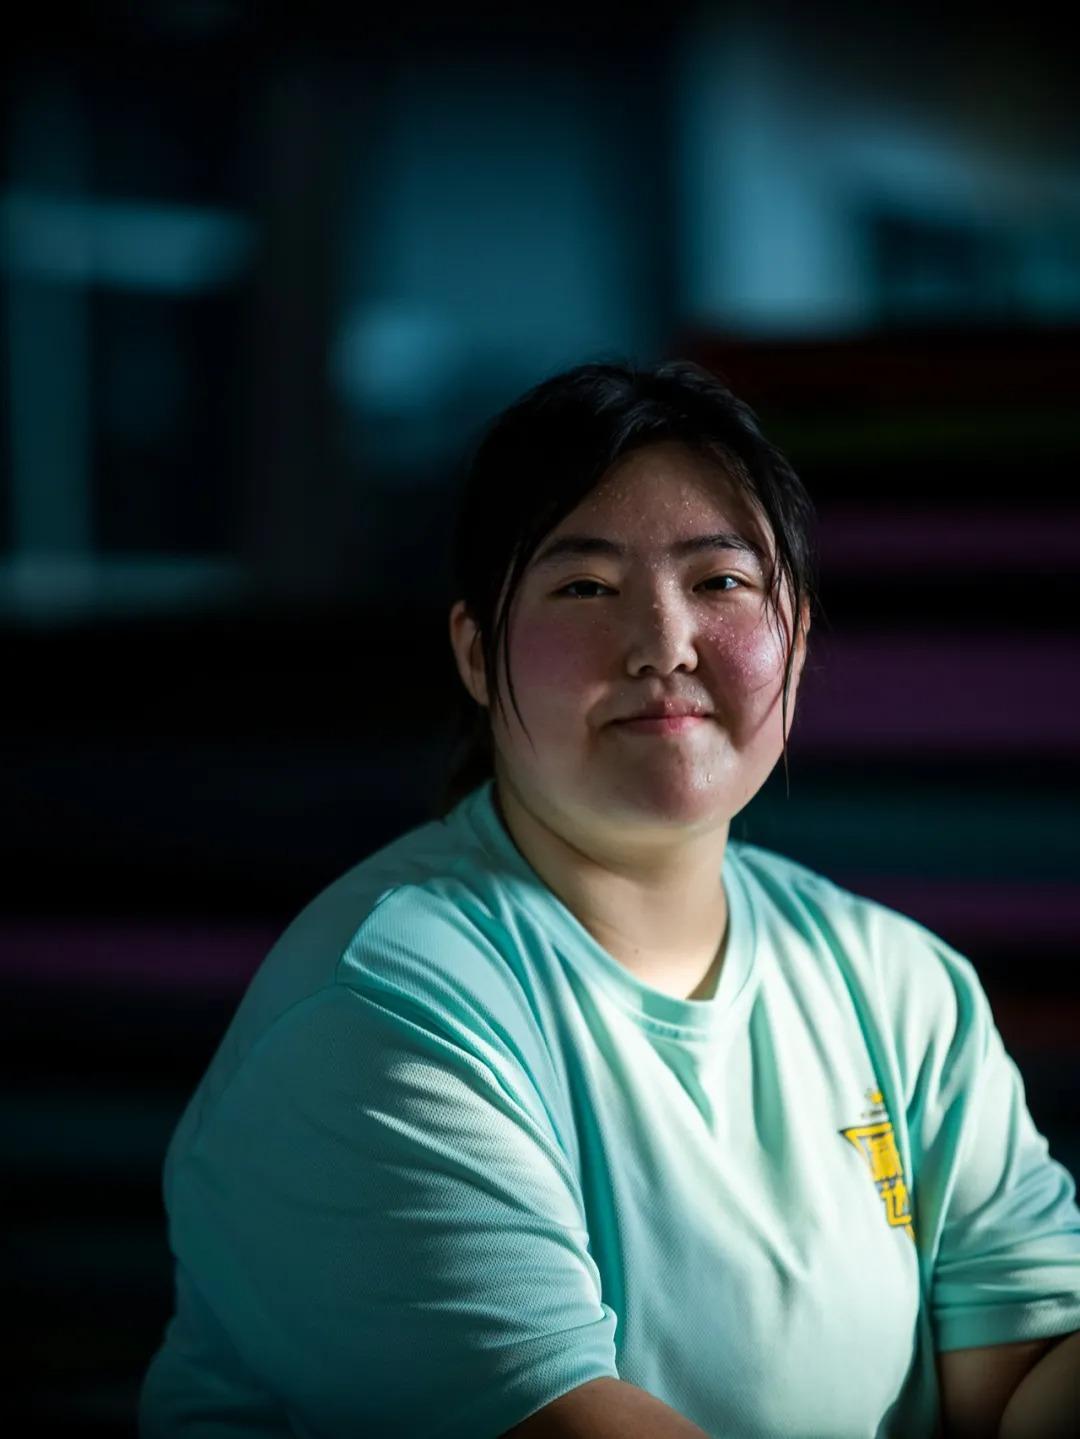 Qiu Jingfei xem lần giảm cân này là cơ hội cuối cùng cho bản thân.